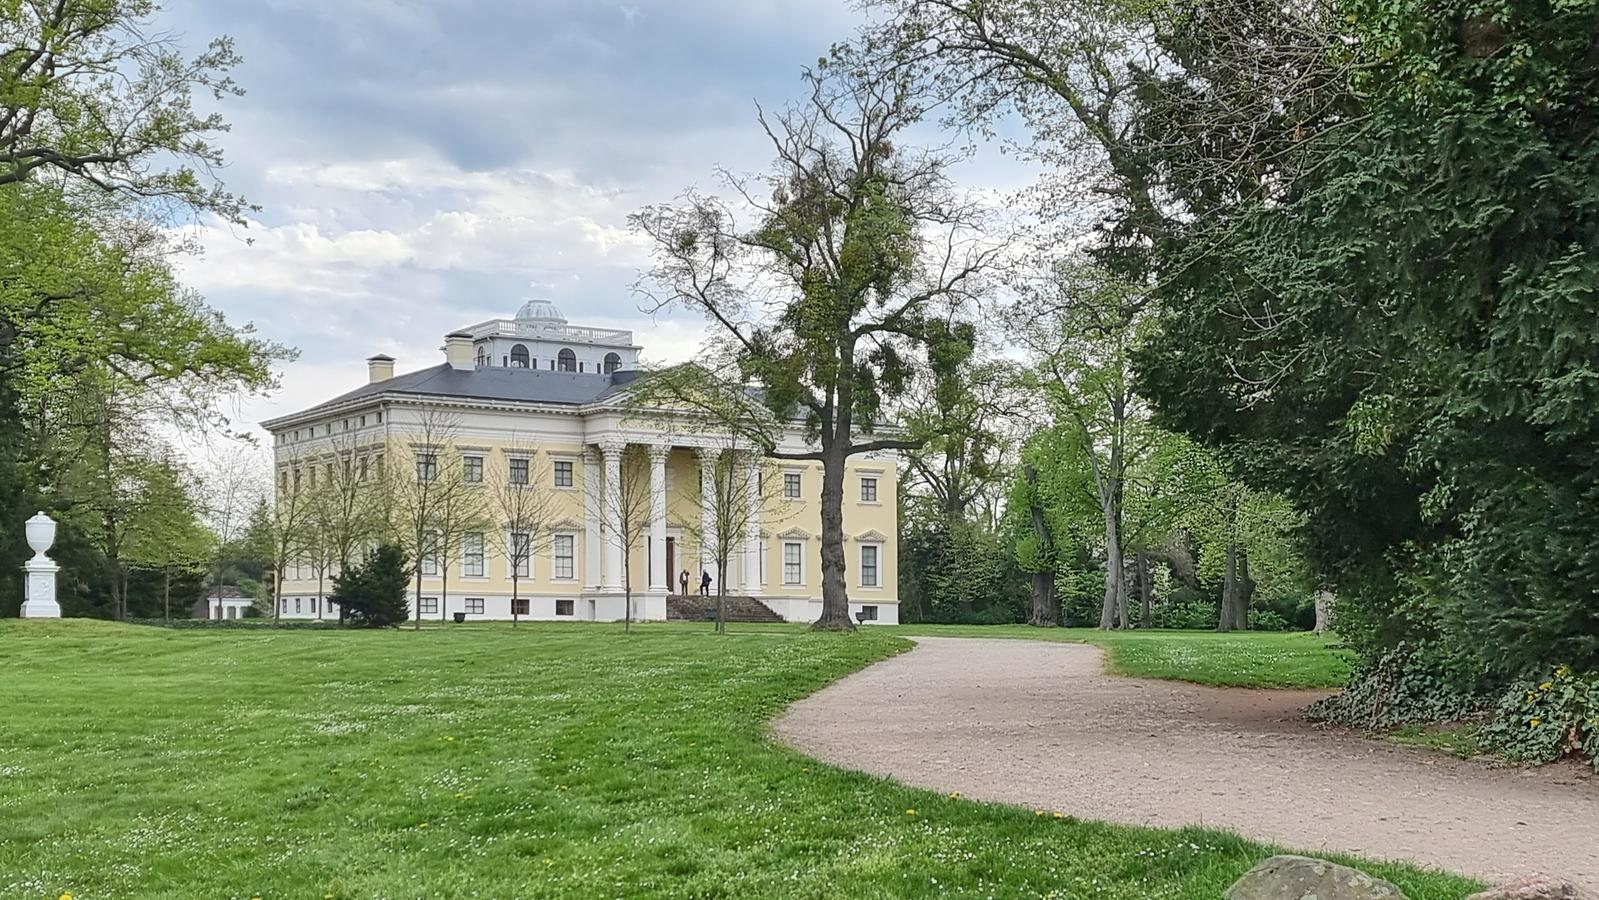 Schloss Wörlitz, Schlösser bei Dessau, Schlösser in Sachsen-Anhalt, Sehenswürdigkeiten in Sachsen-Anhalt